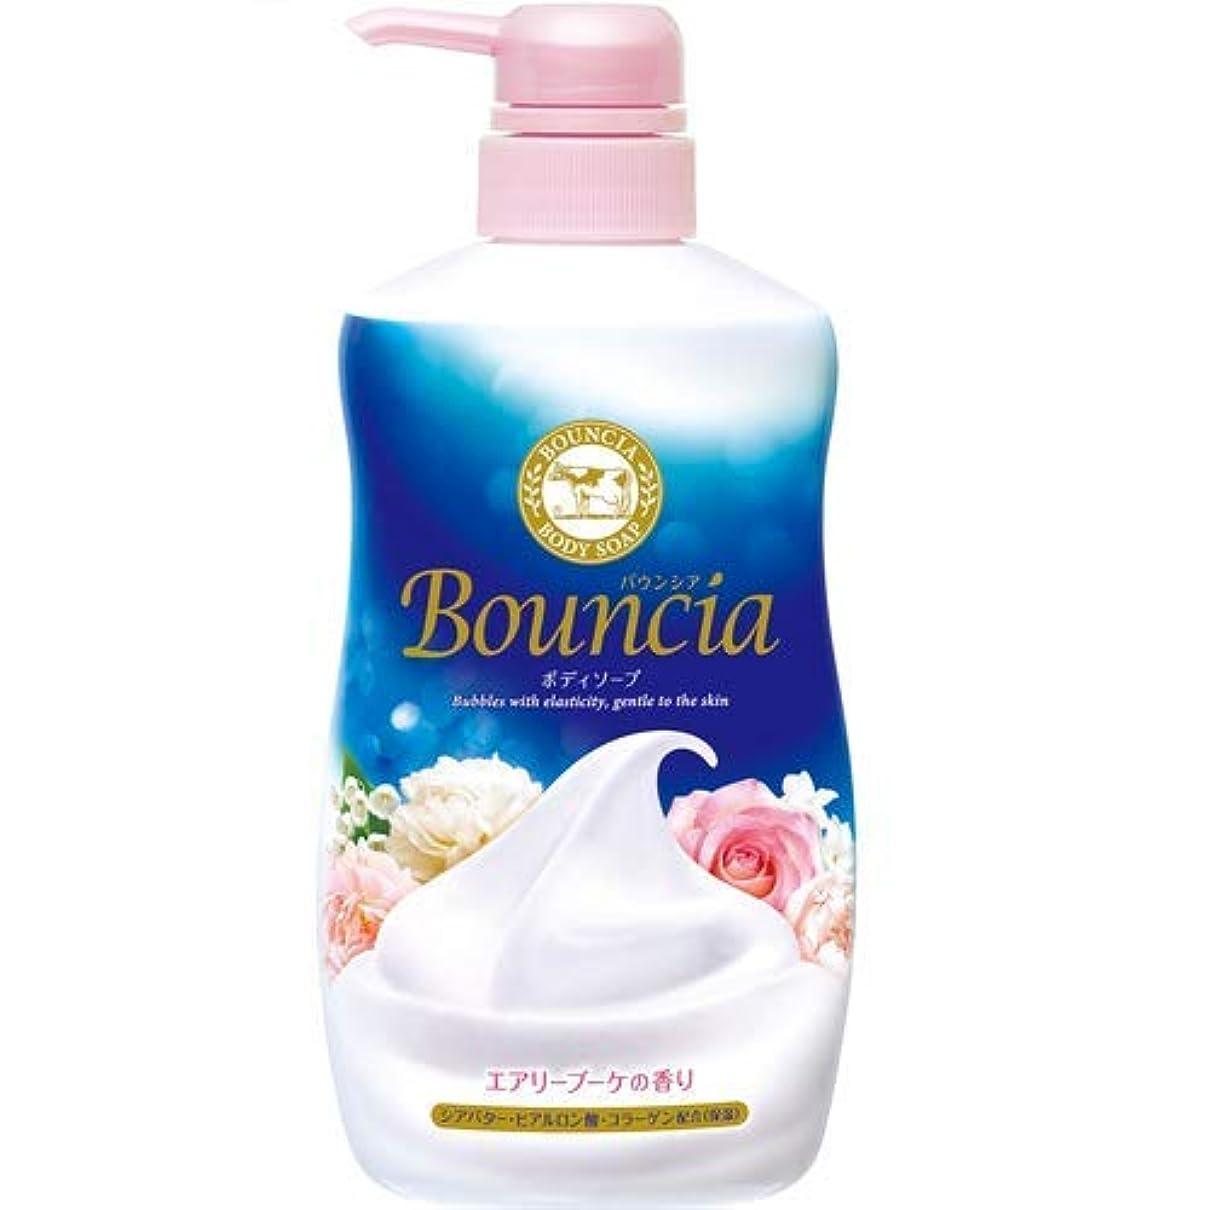 懐熱朝の体操をするバウンシア ボディソープ エアリーブーケの香り ポンプ付 500mL